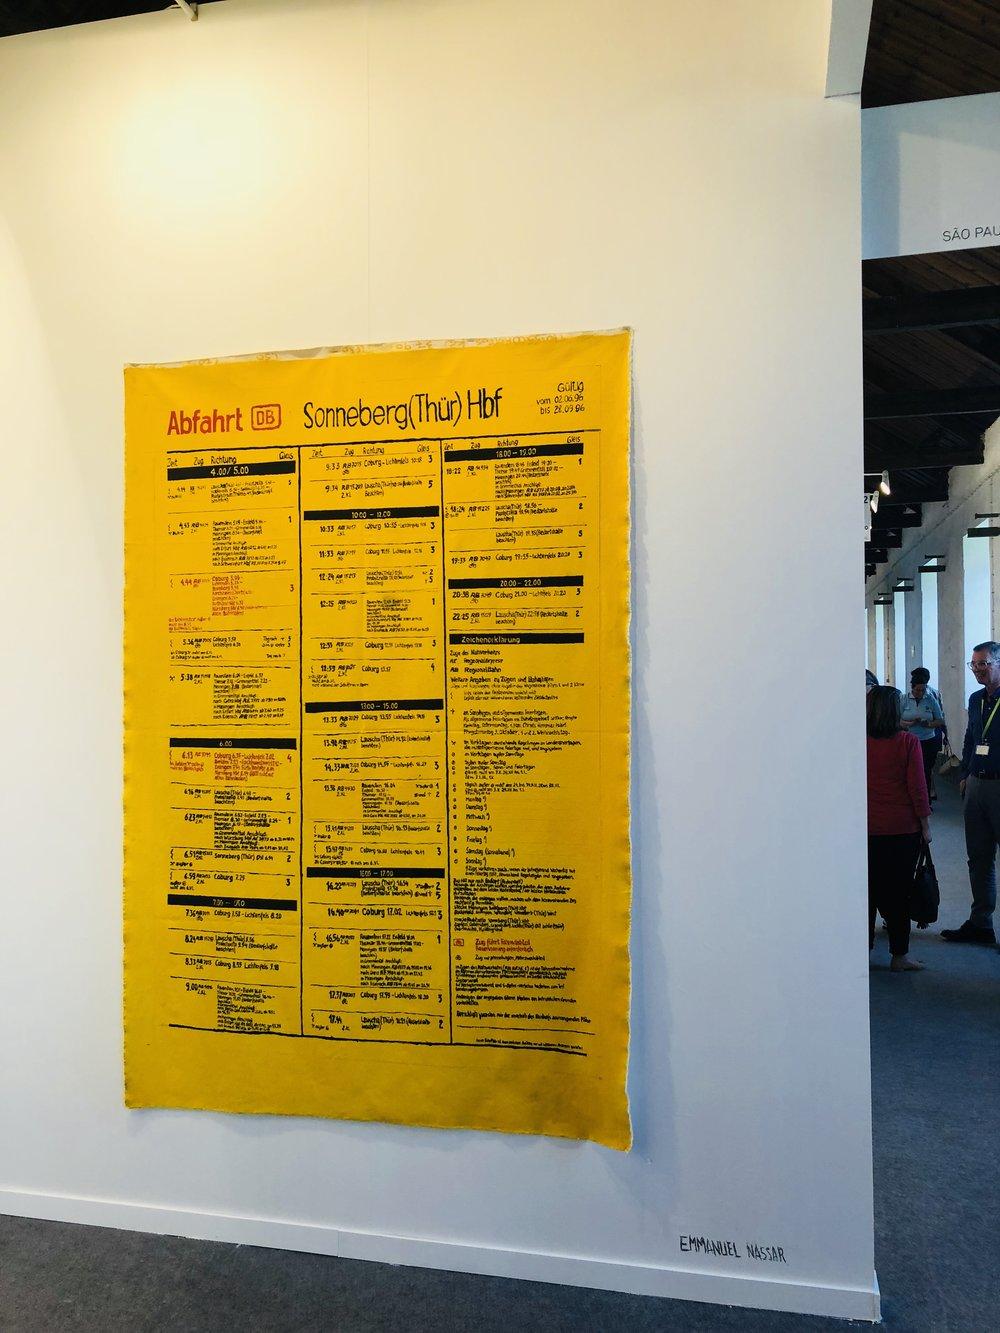 Emmanuel Nassar's Abfahrt at gallery Millan